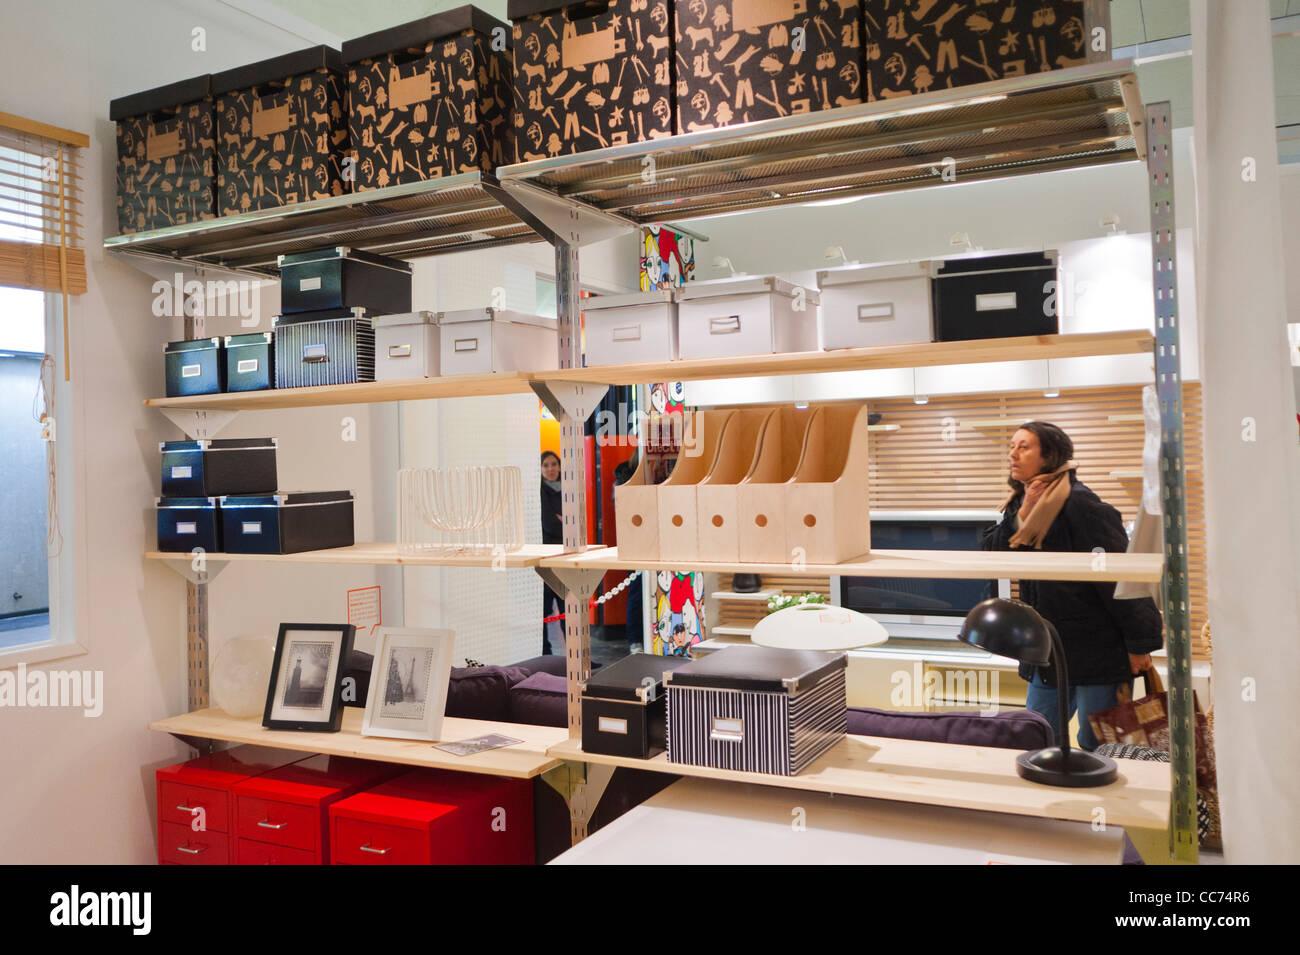 Paris Frankreich Werbung Möbel Einkaufen Ikea Möbelhaus Wohnung